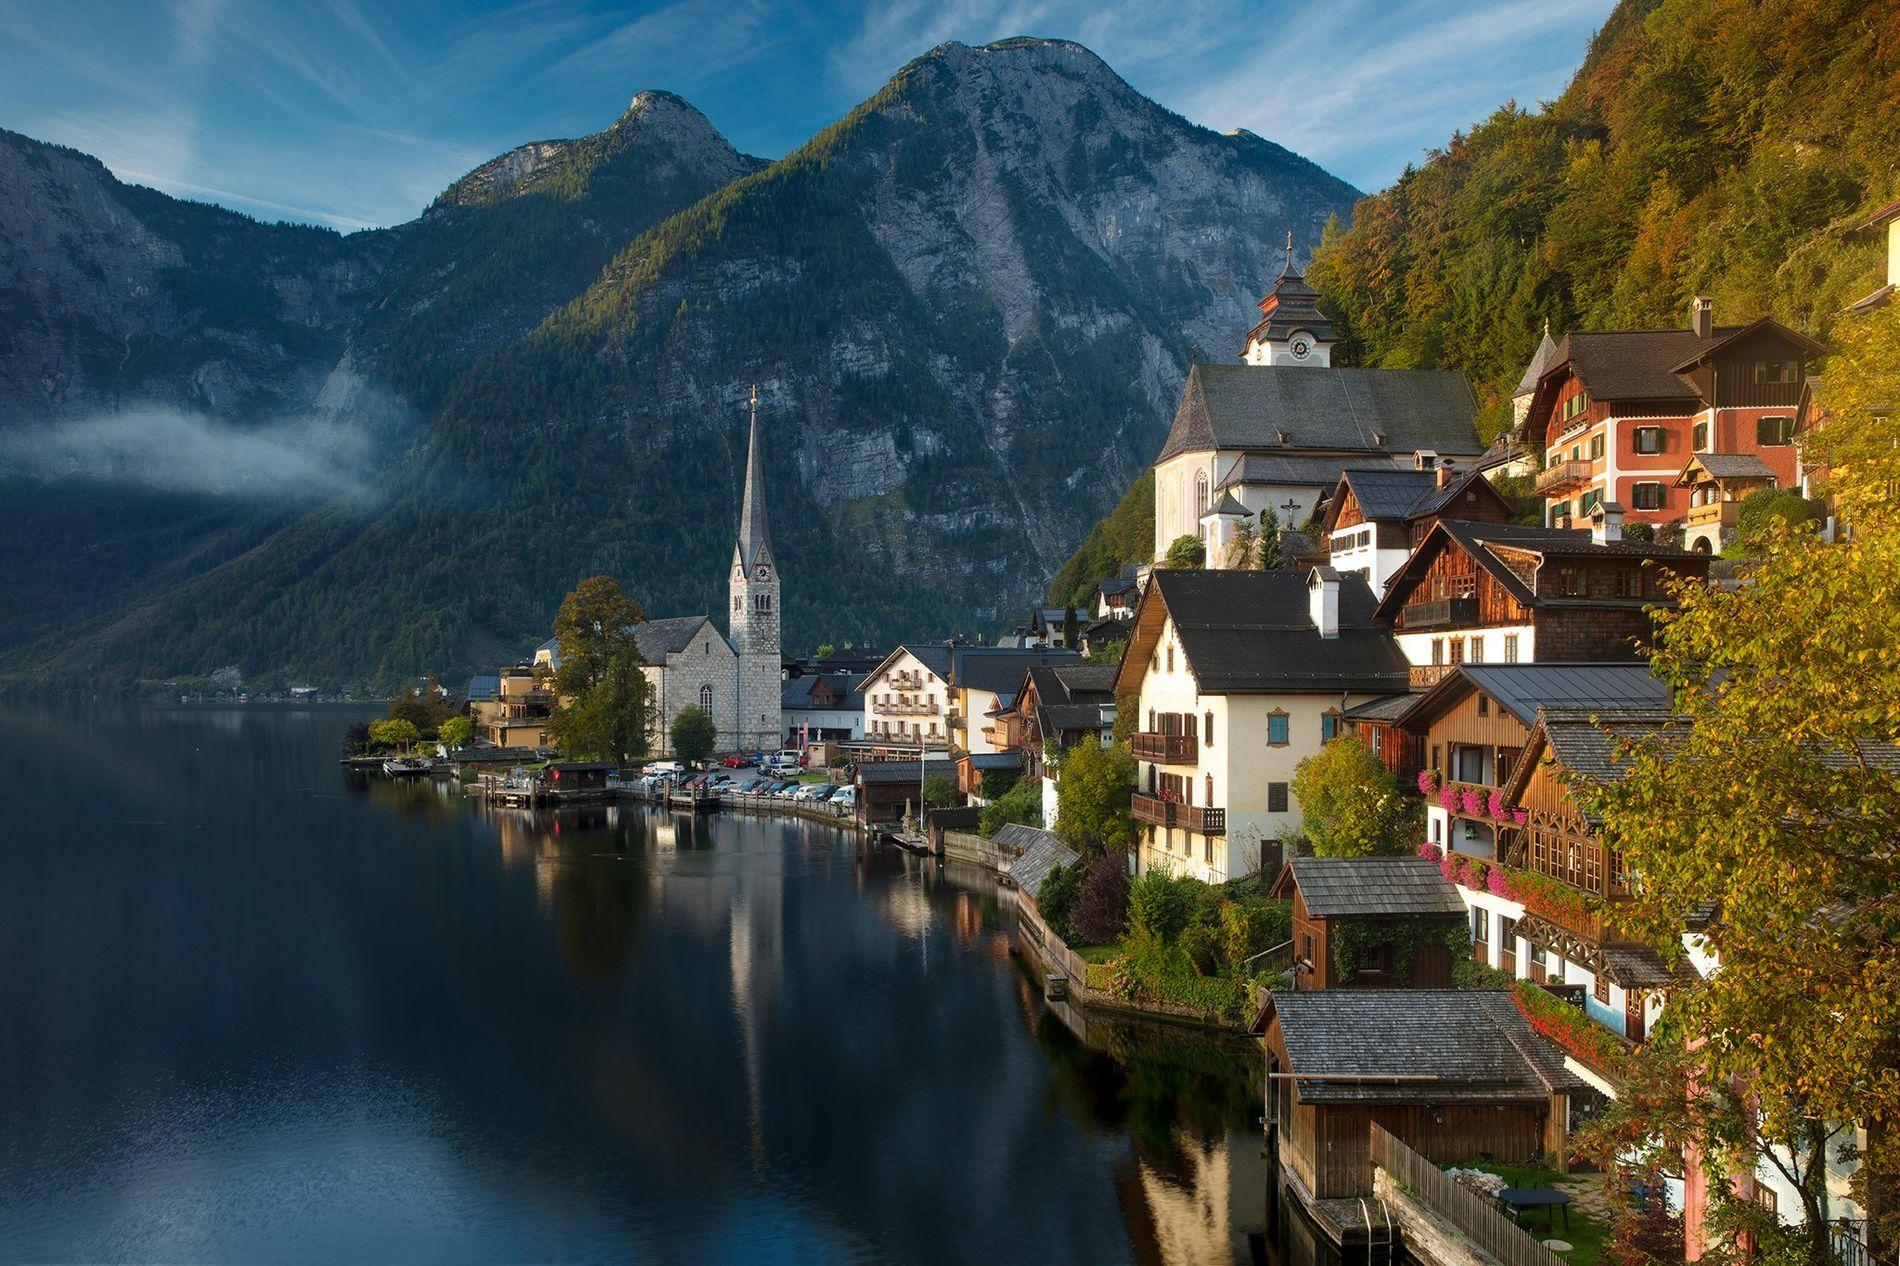 Com vista para o lago homónimo, Hallstatt é uma aldeia encantadora nas montanhas Salzkammergut, na Áustria.